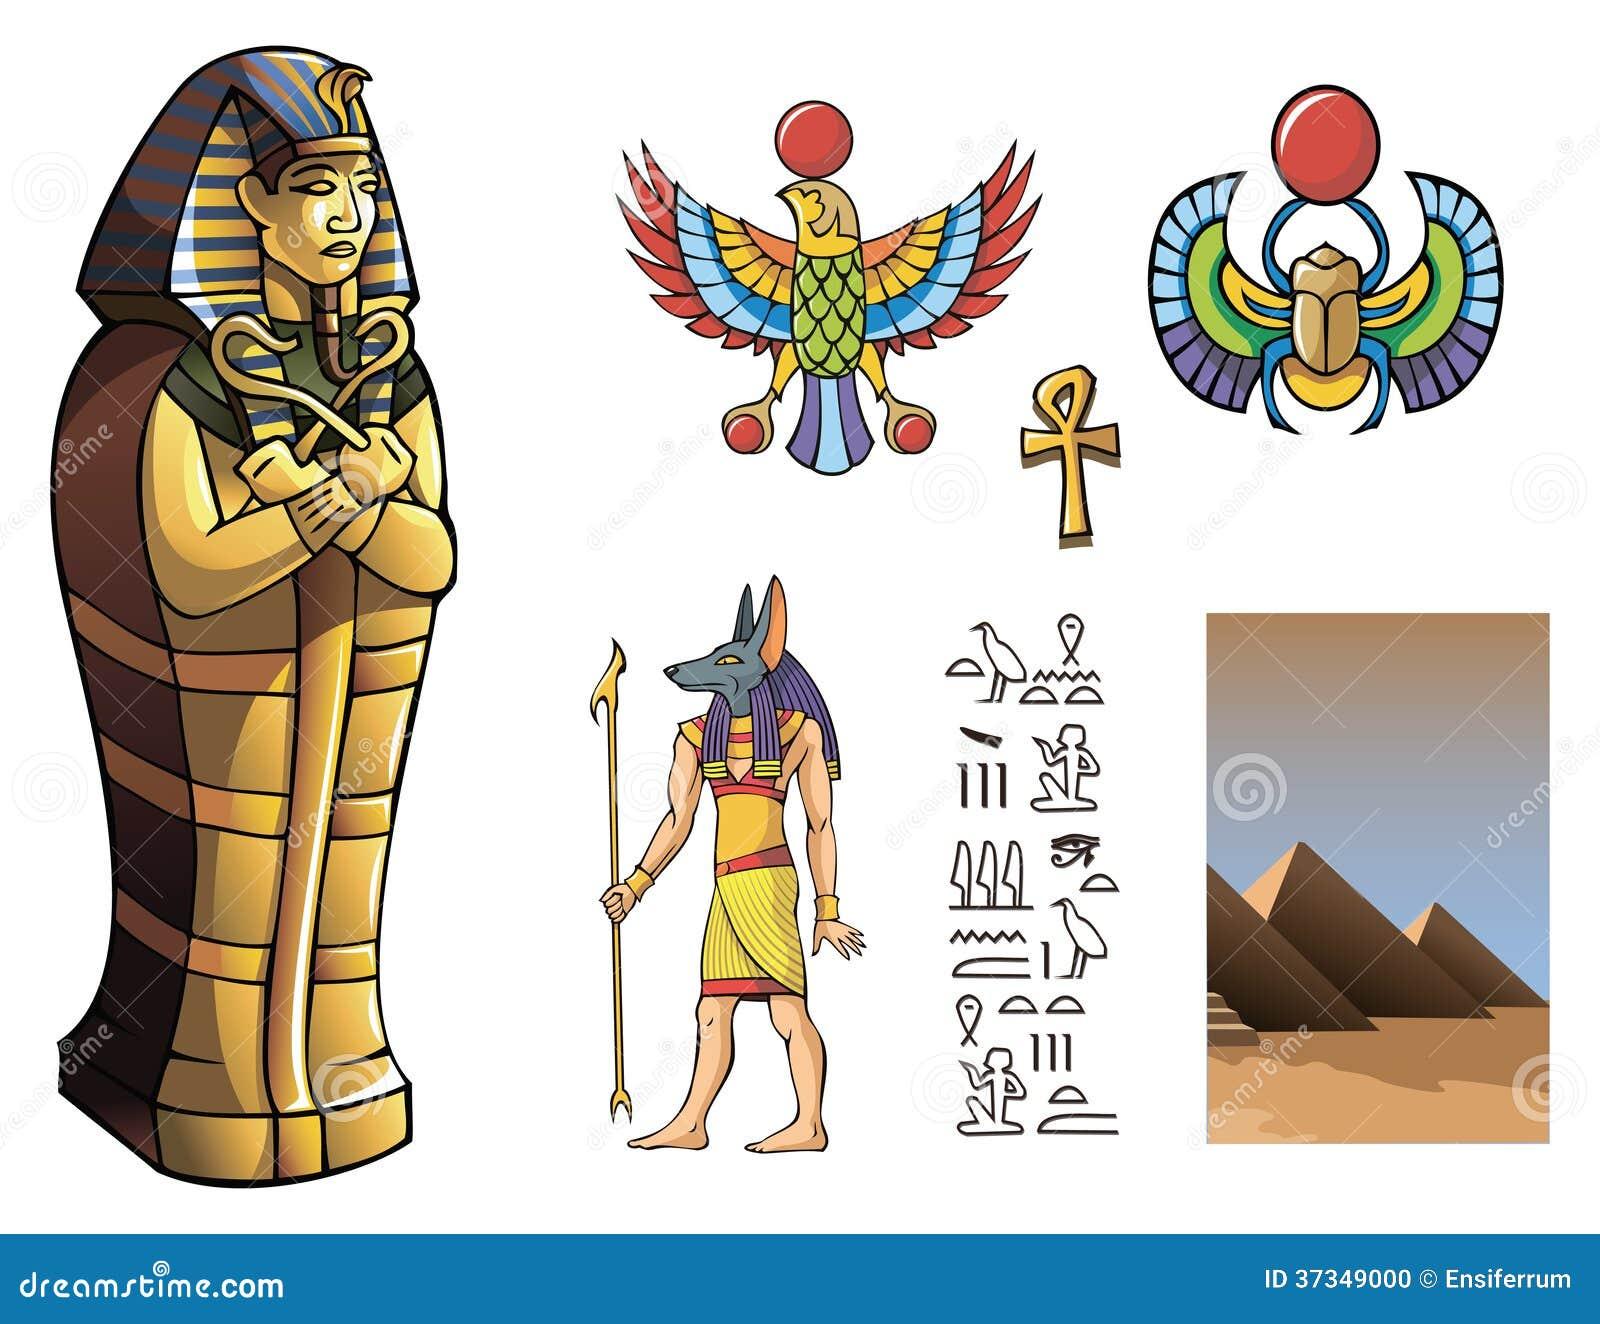 Disegno Di Un Faraone.Sarcofago Di Faraone Illustrazione Vettoriale Illustrazione Di